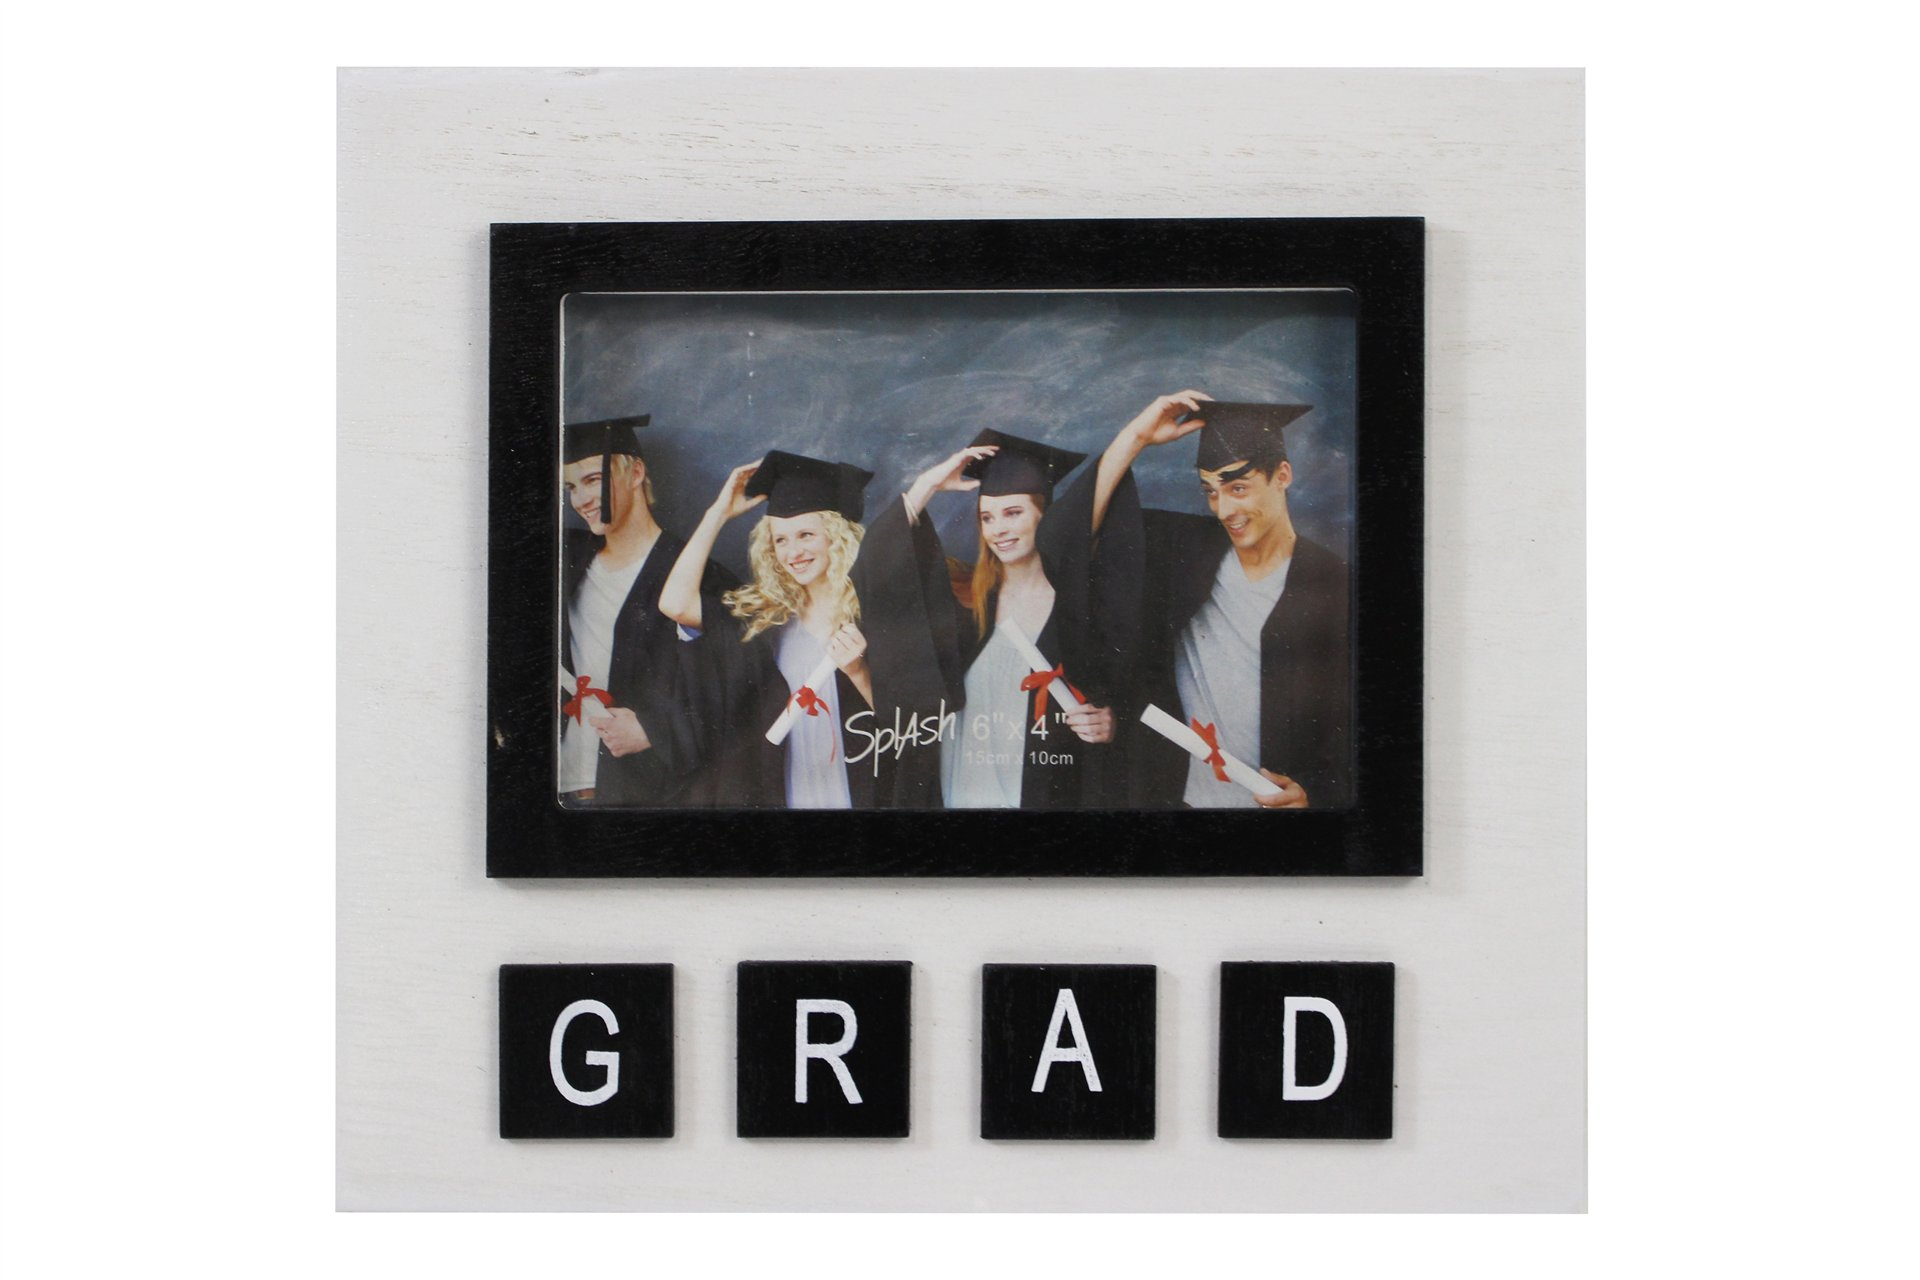 Grad Frame